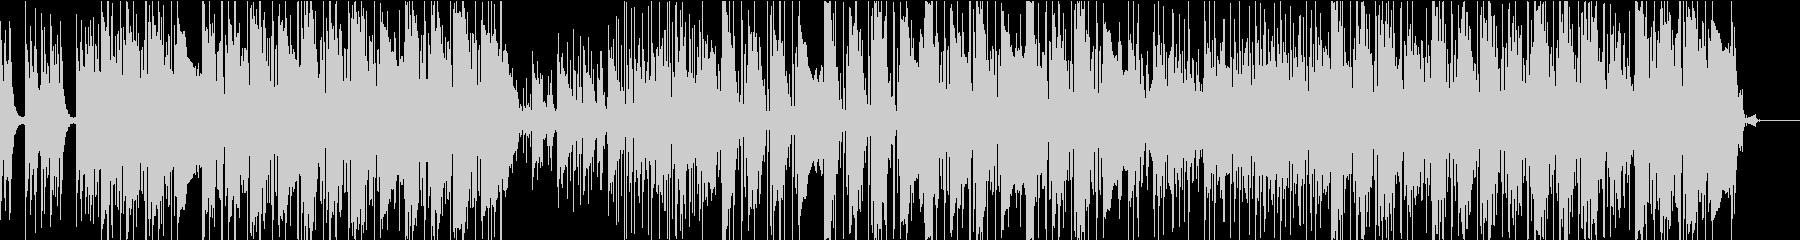 ポップロックでダイナミックな曲の未再生の波形